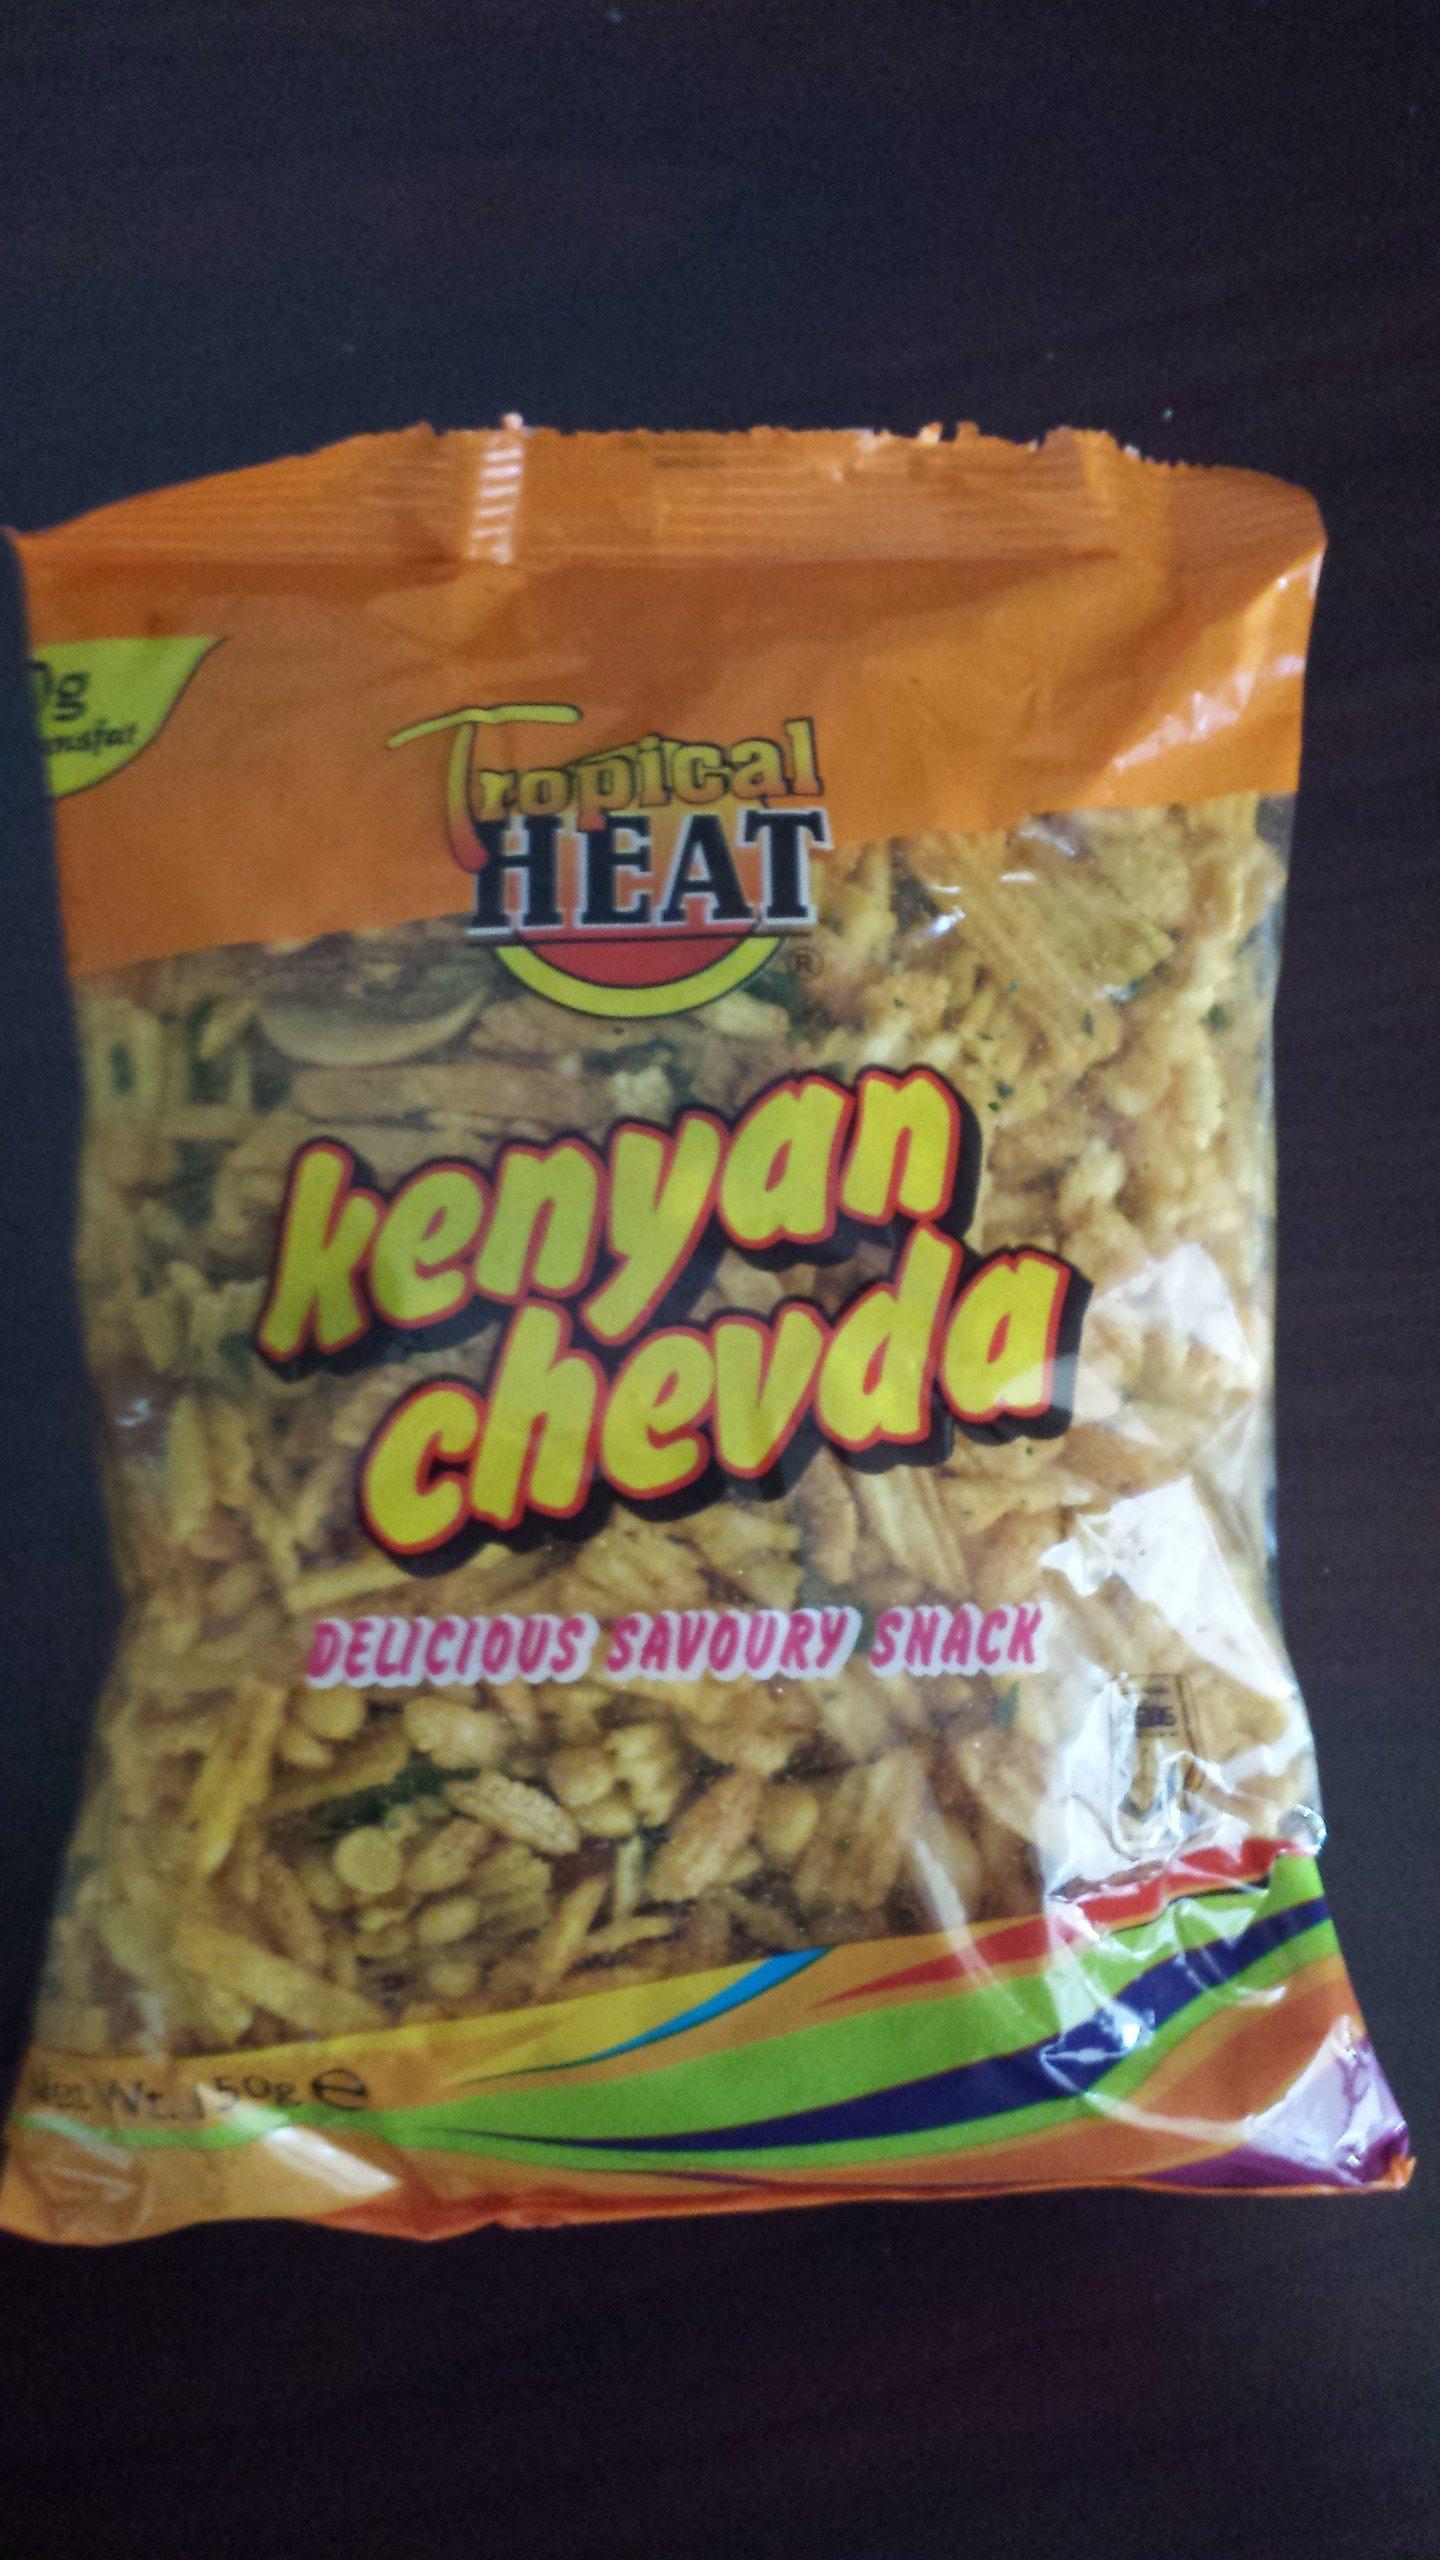 Kenyan Chevda